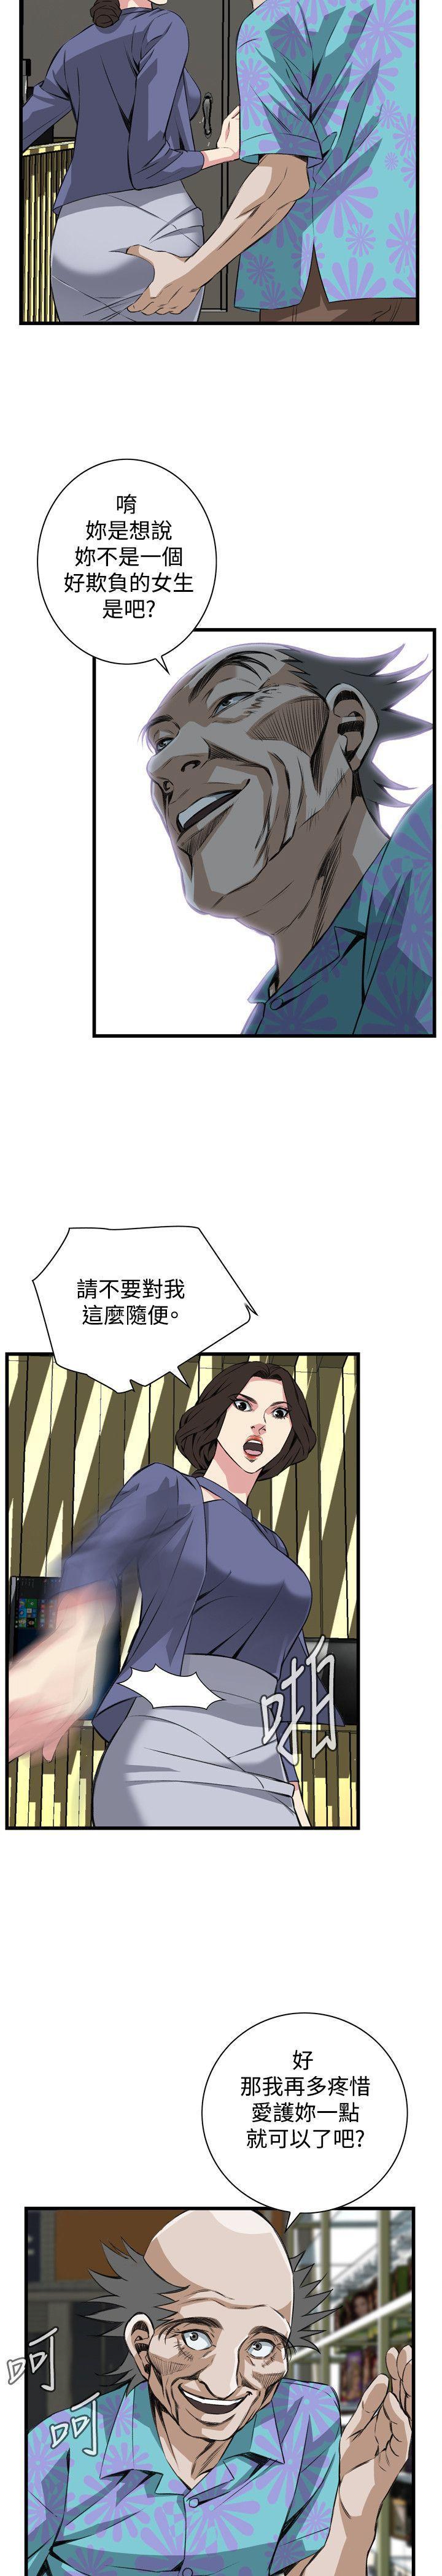 偷窥72-93 Chinese Rsiky 99